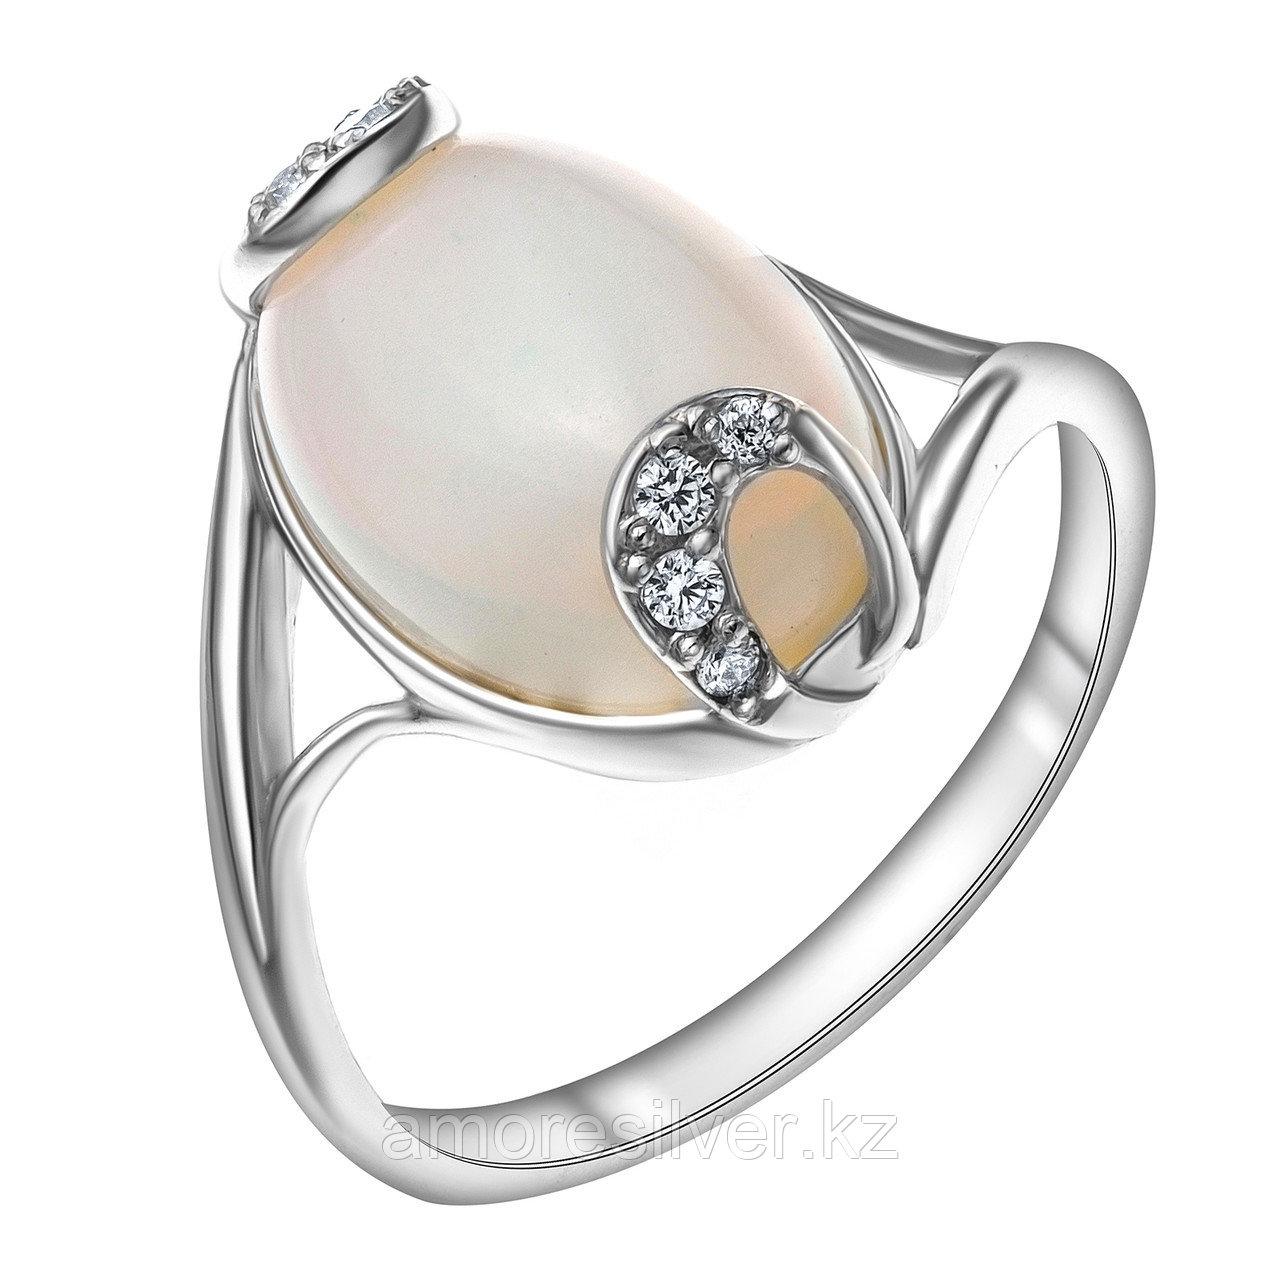 Серебряное кольцо с лунным камнем и фианитом  Приволжский Ювелир 251079-MNS